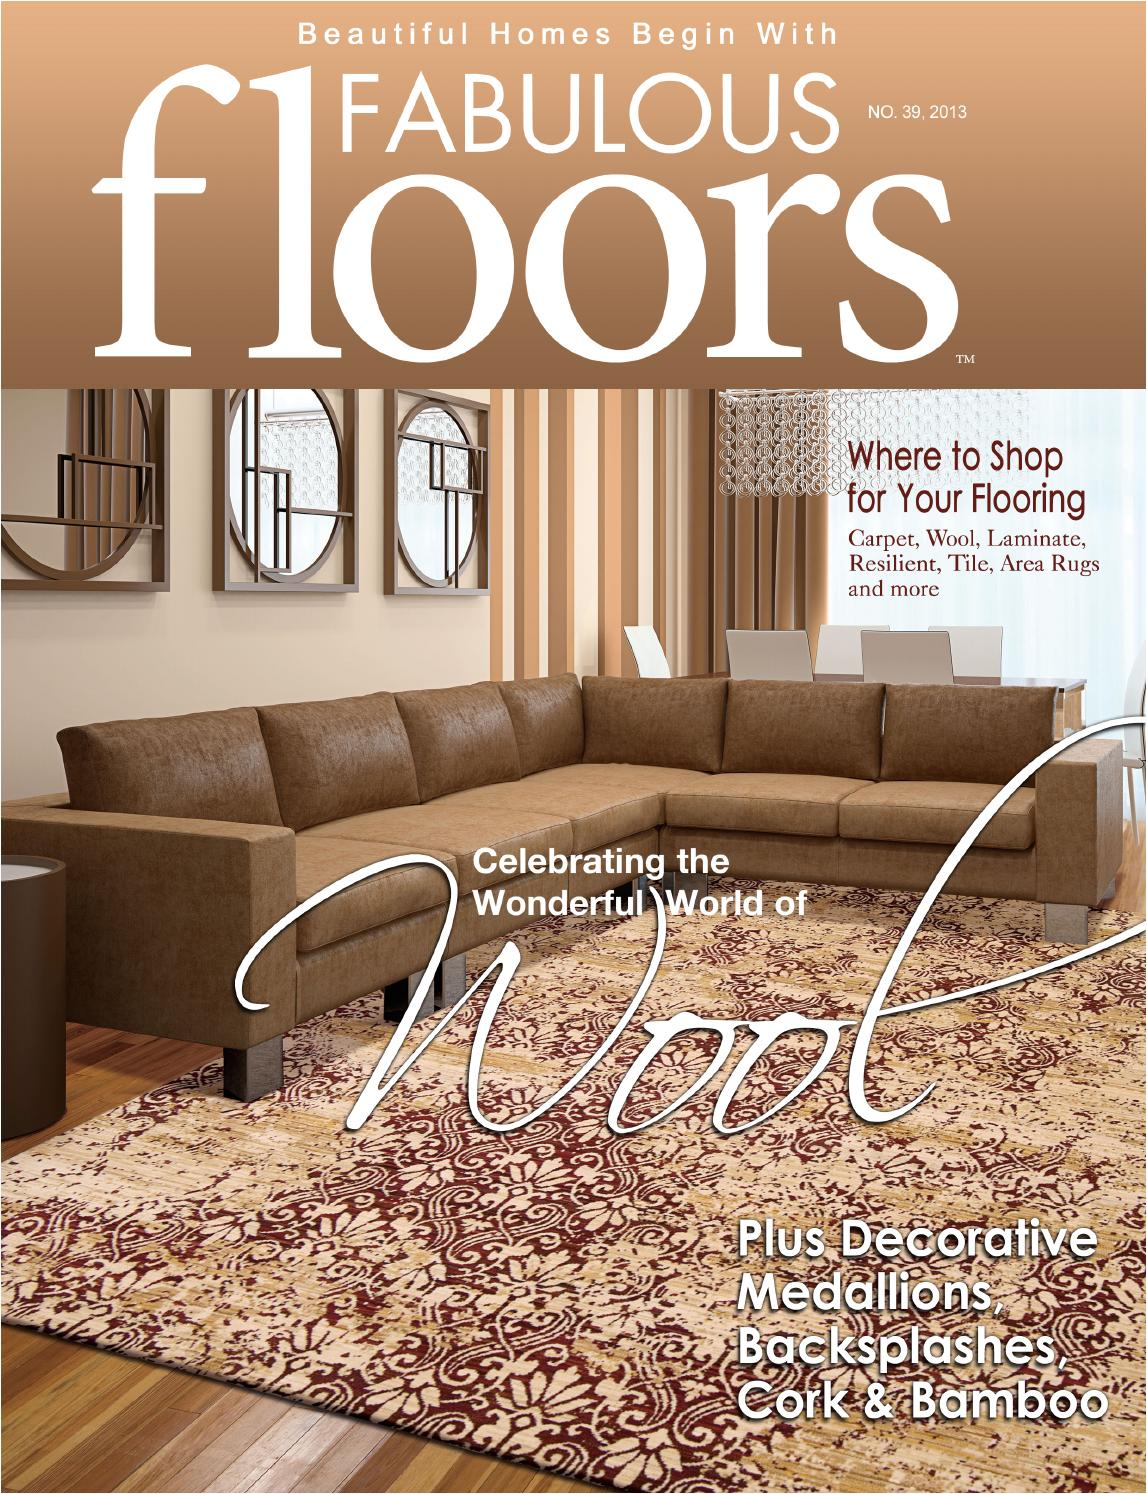 FABULOUS FLOORS MAGAZINE By Fabulous Floors Magazine